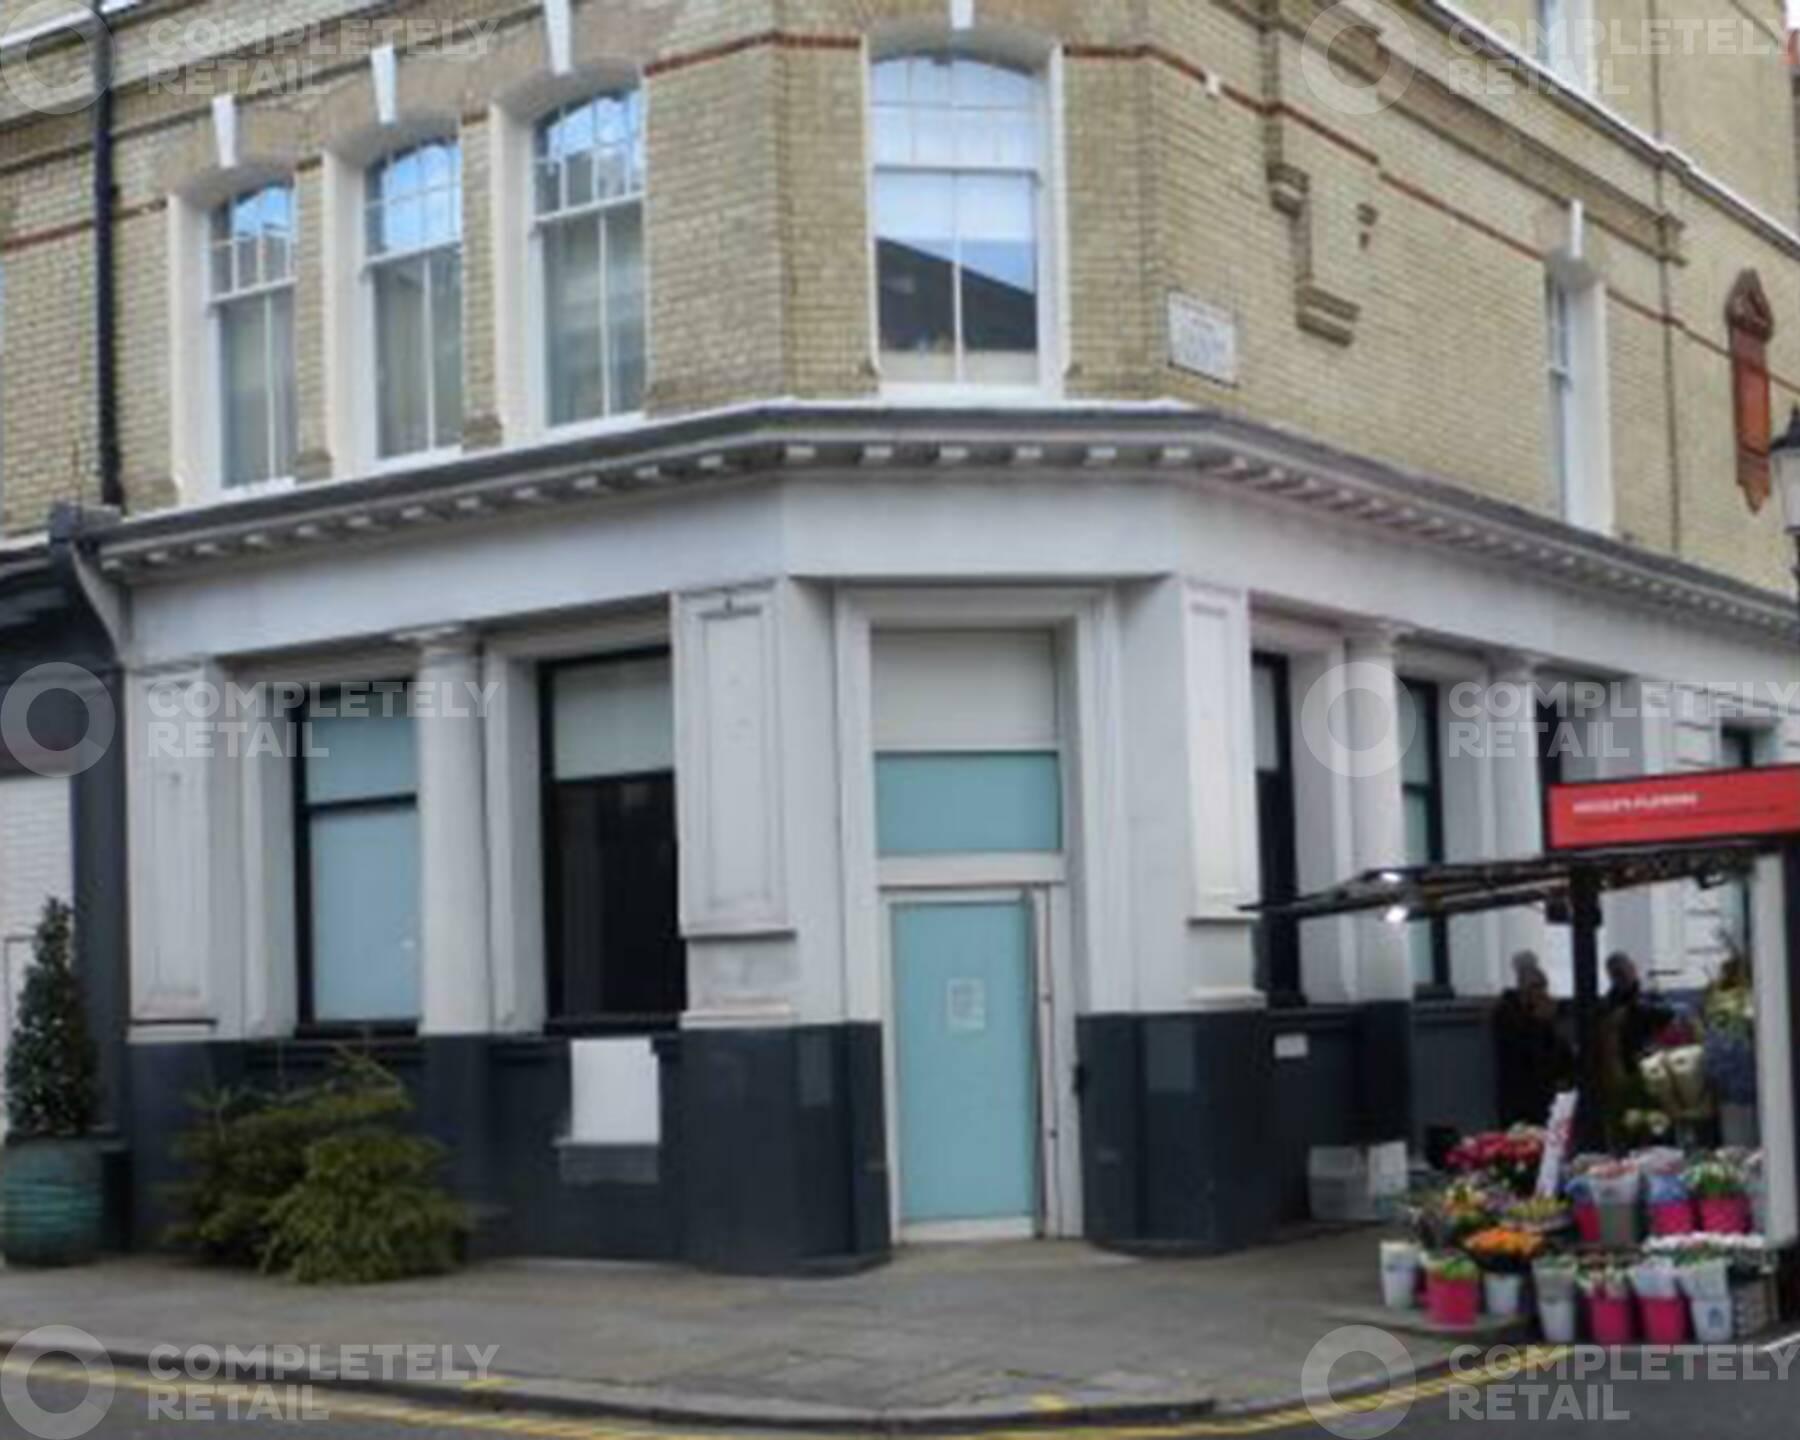 315 Fulham Road